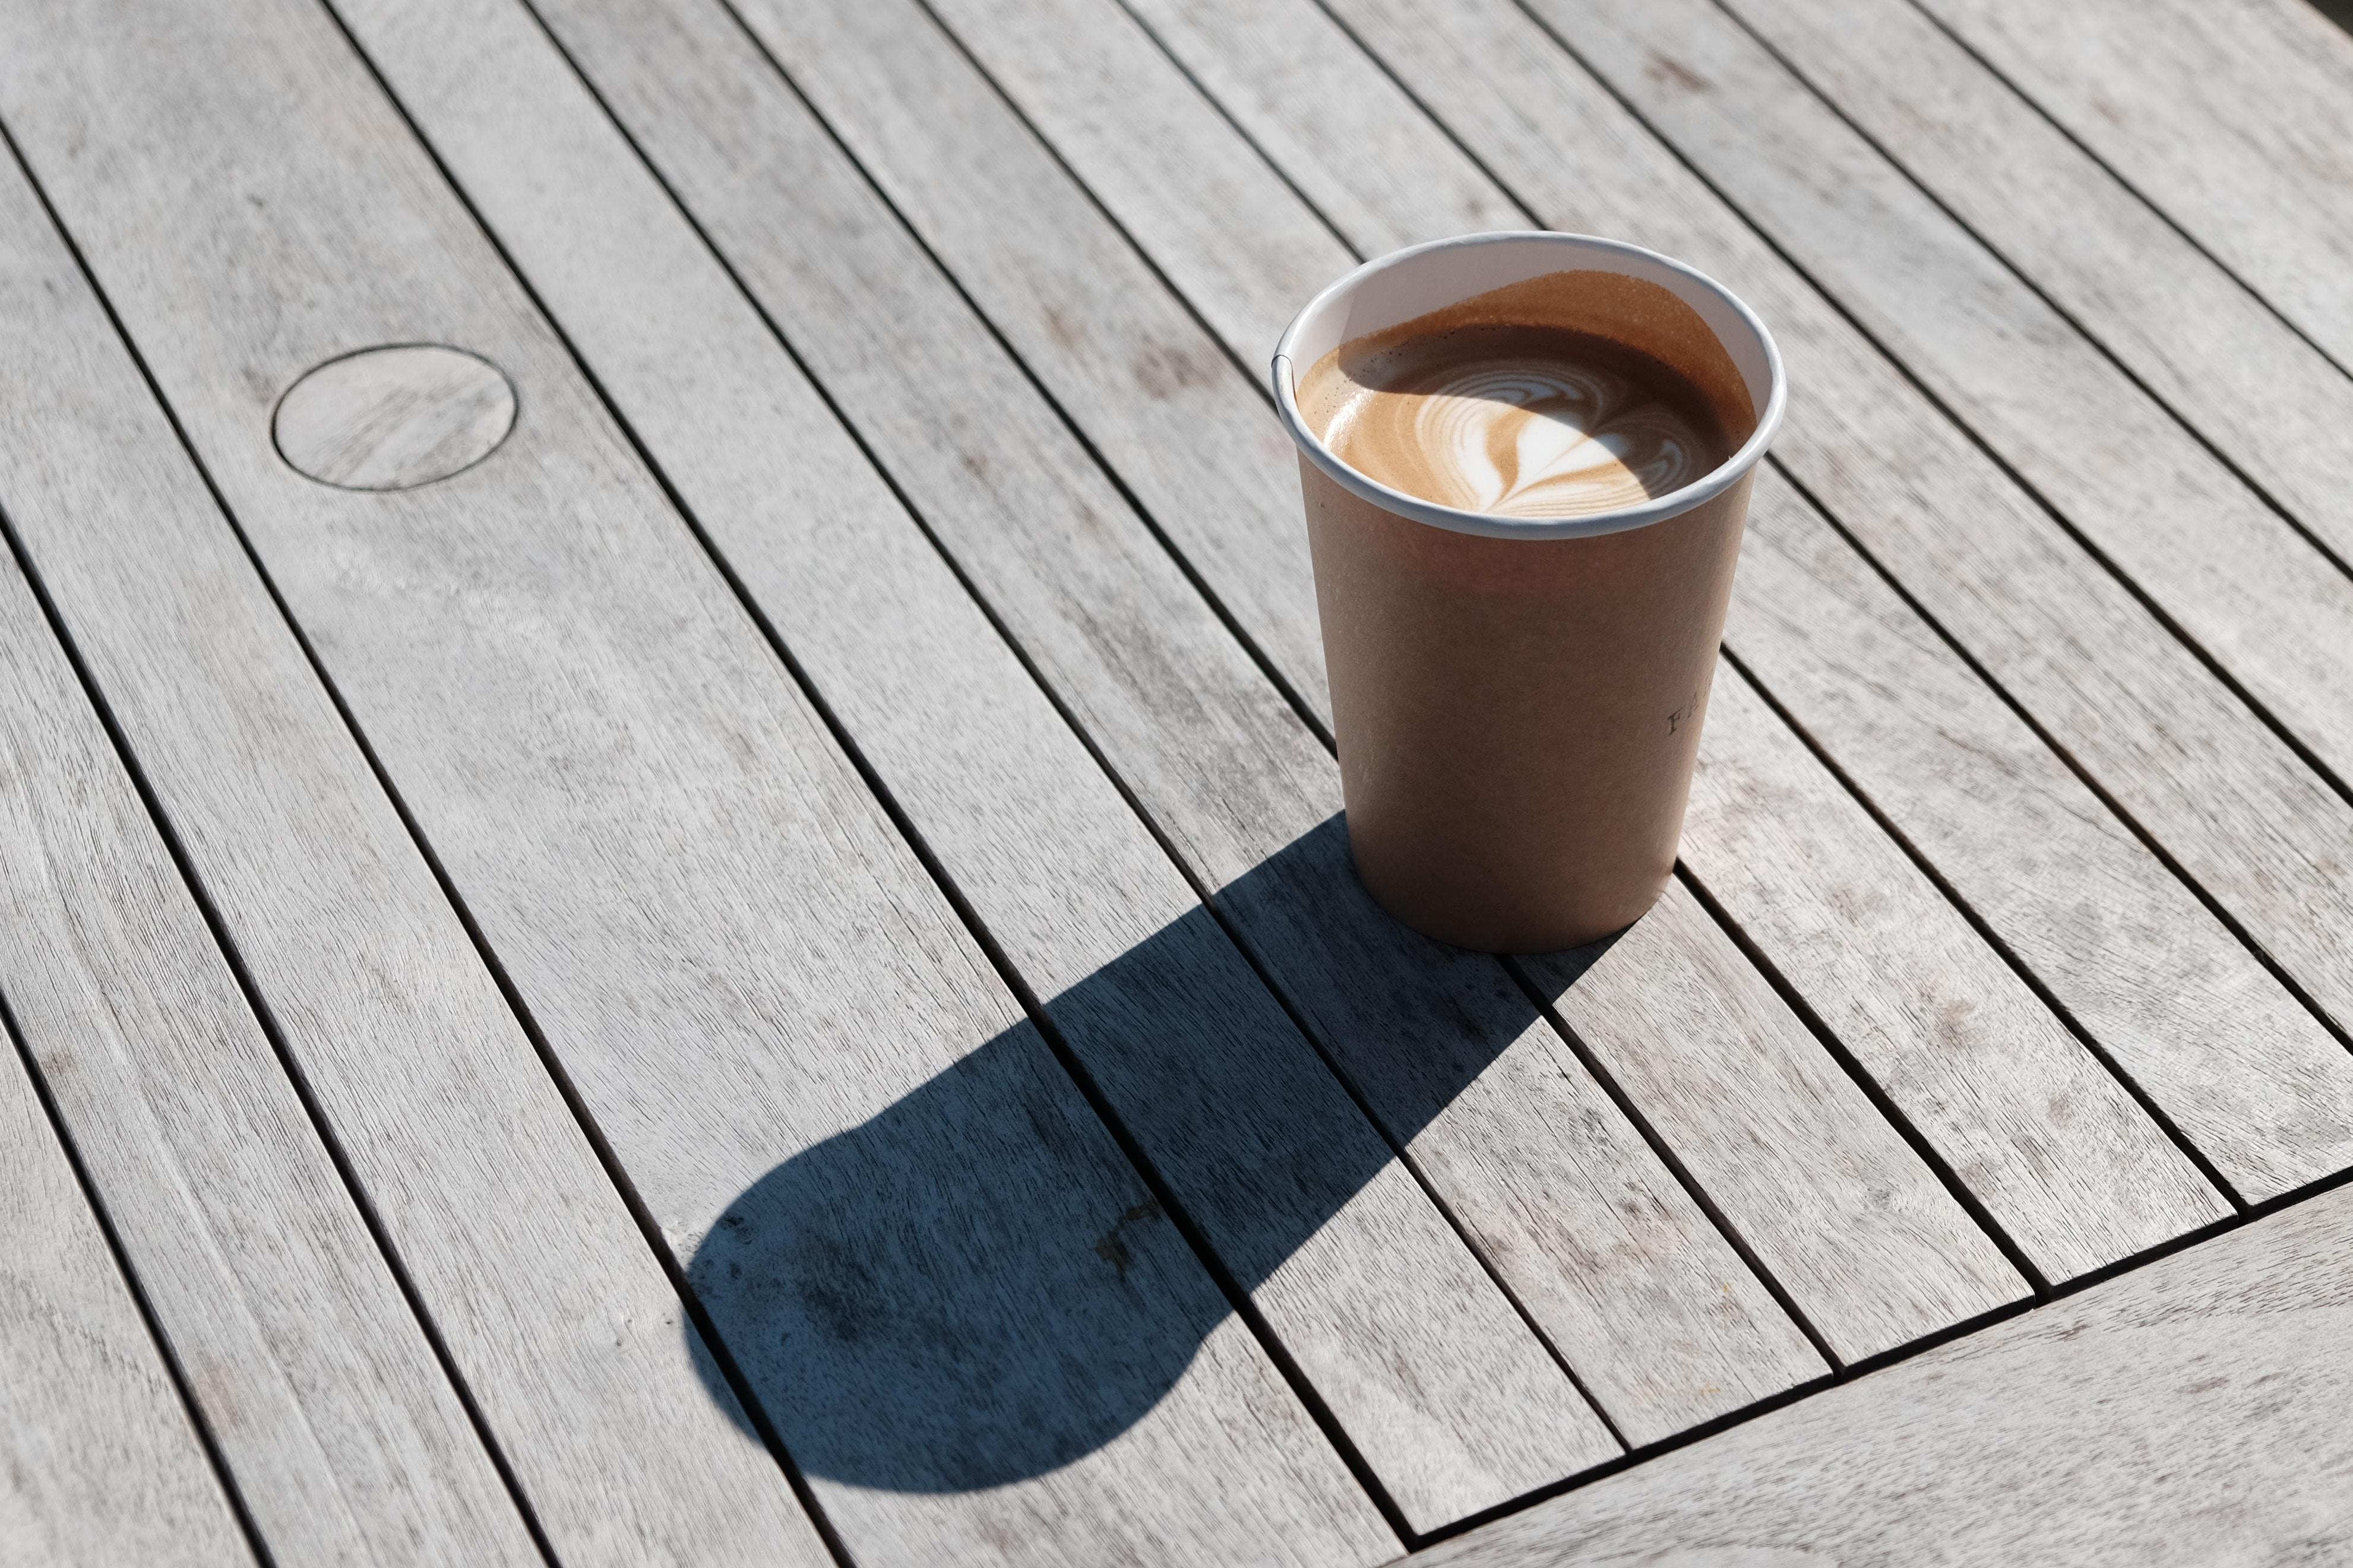 gdzie kupić kawę bezkofeinową?